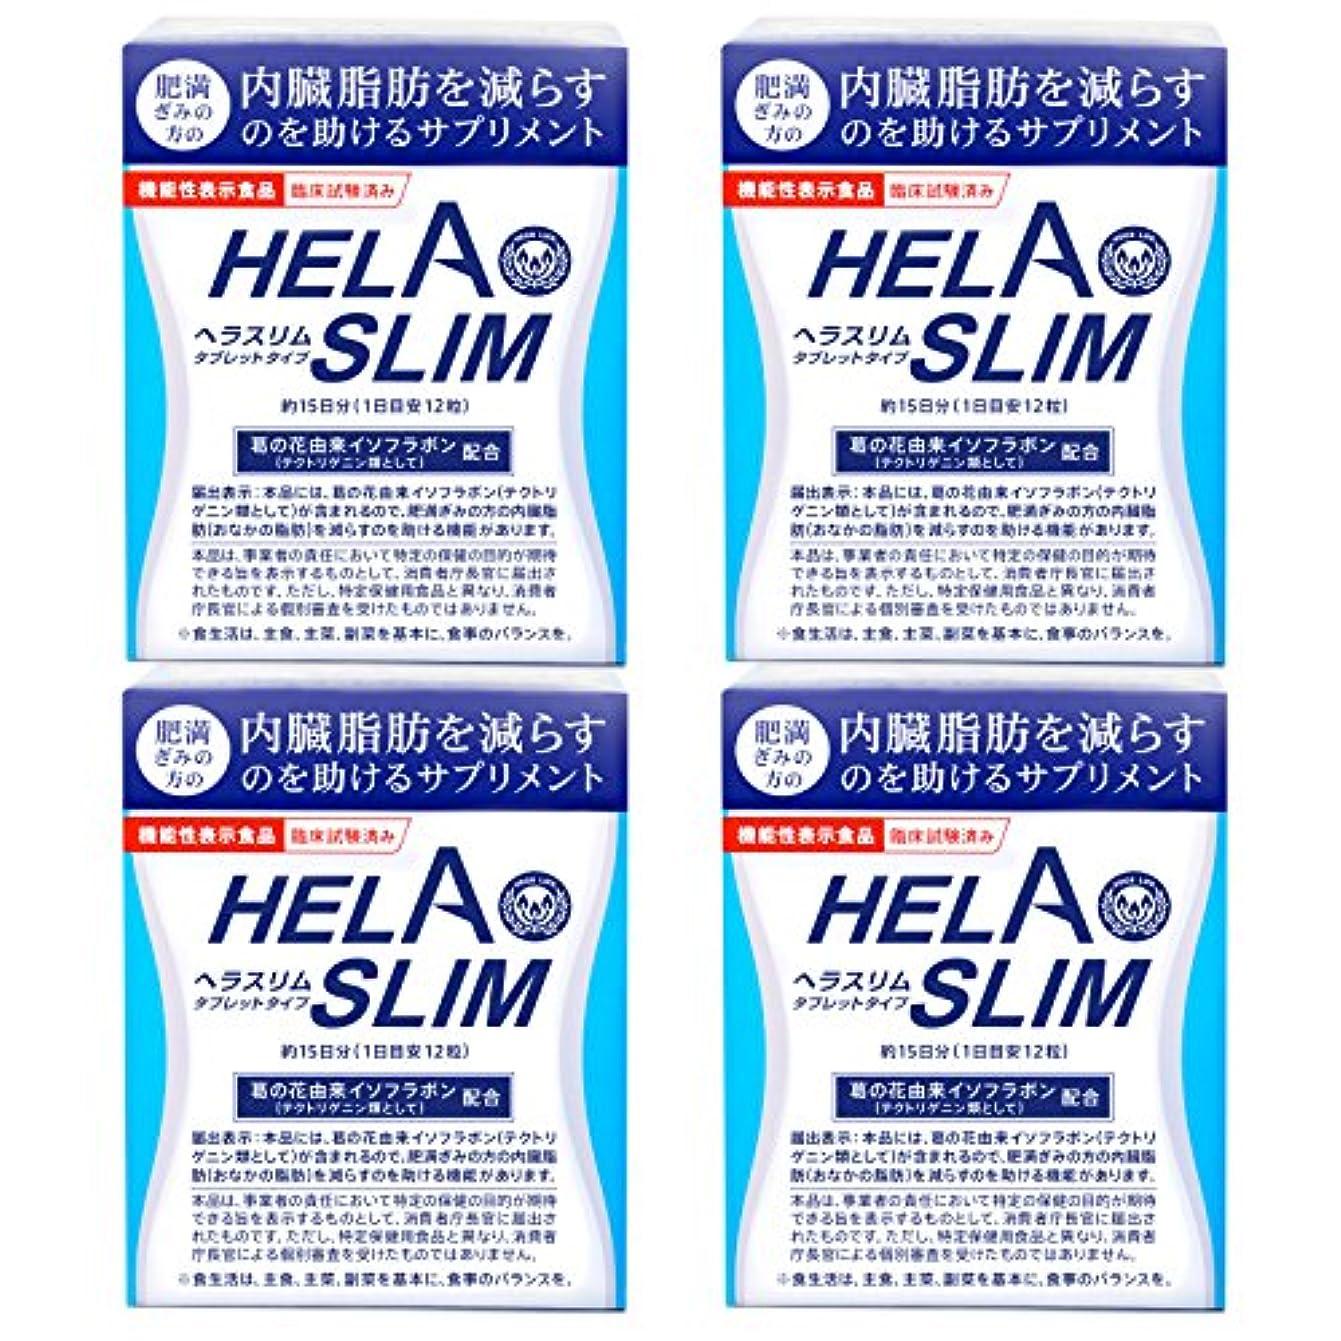 シュリンク特別に熱意HELASLIM ヘラスリム(180粒入15日分)【4箱セット】【機能性表示食品】【臨床試験済】